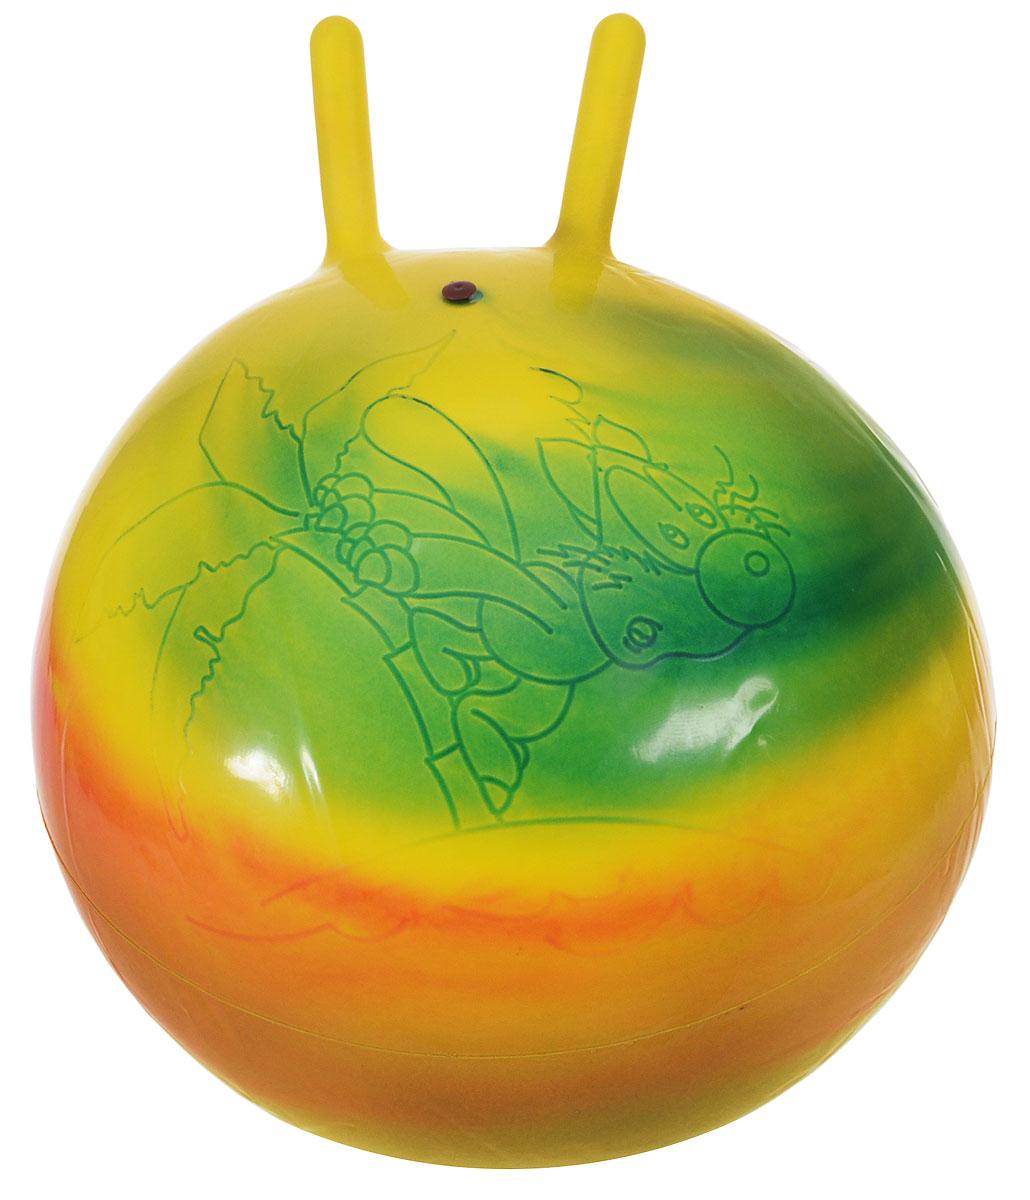 Stantoma Игрушка-попрыгун Мяч с рогами цвет мультиколор 45 см